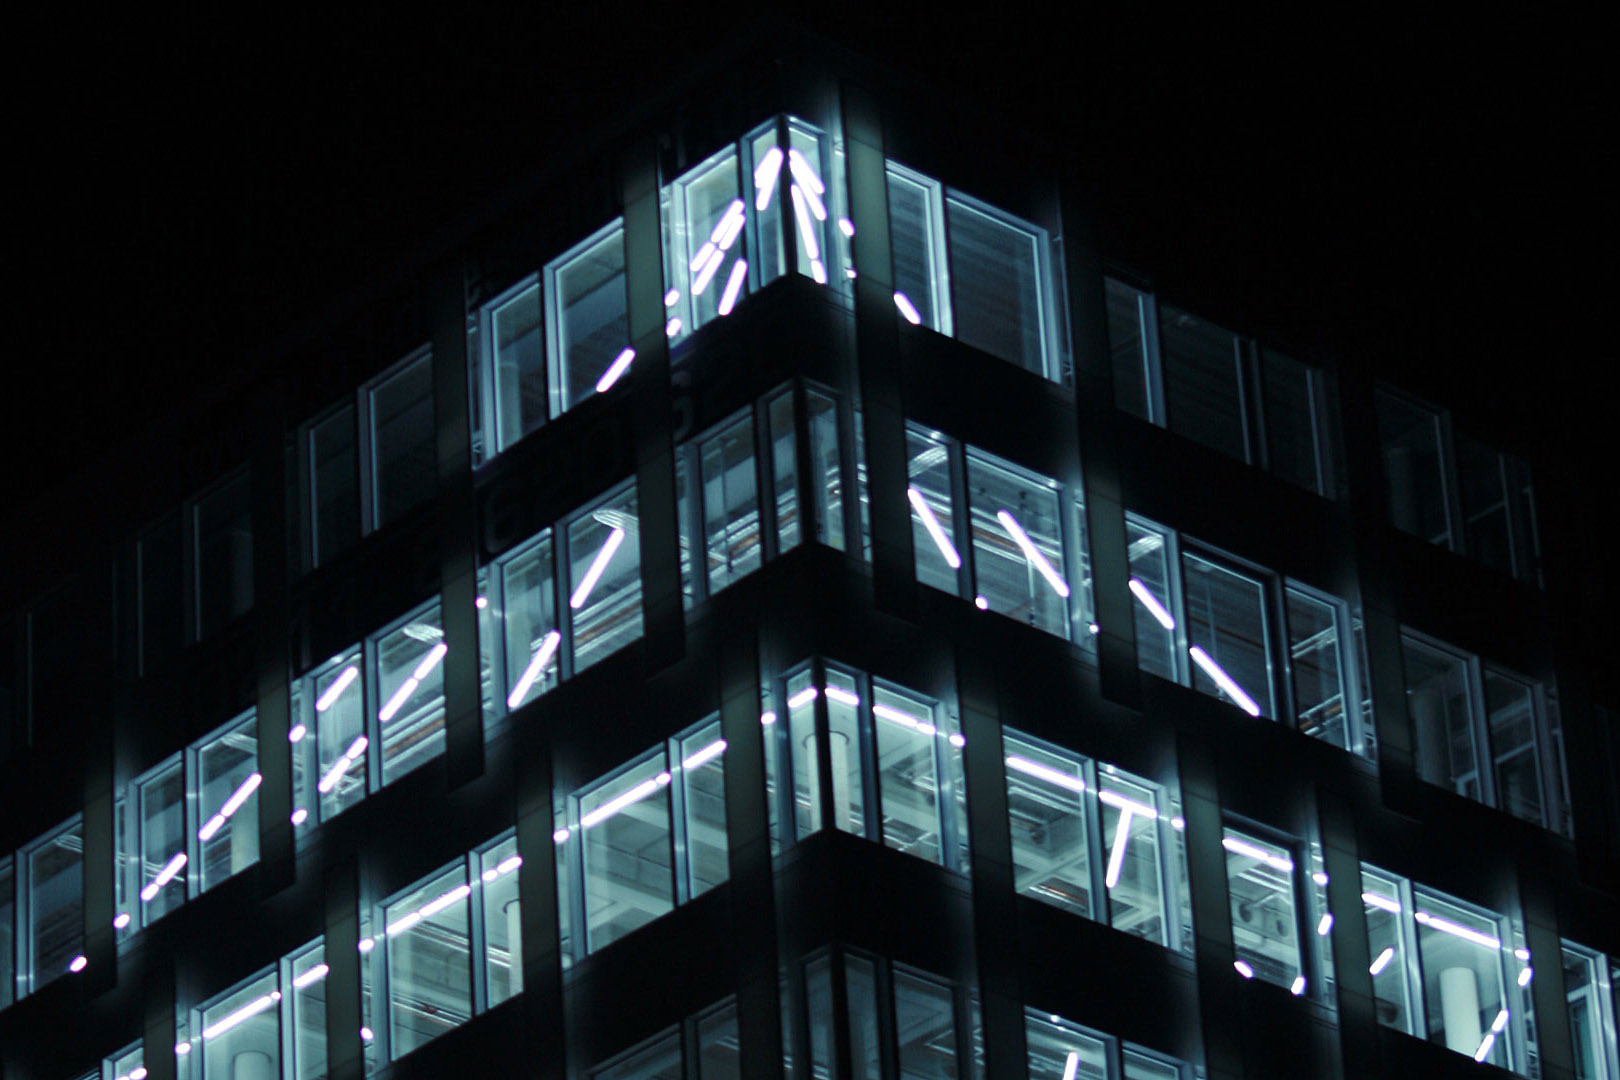 Lichtkunst B1 Düsseldorf